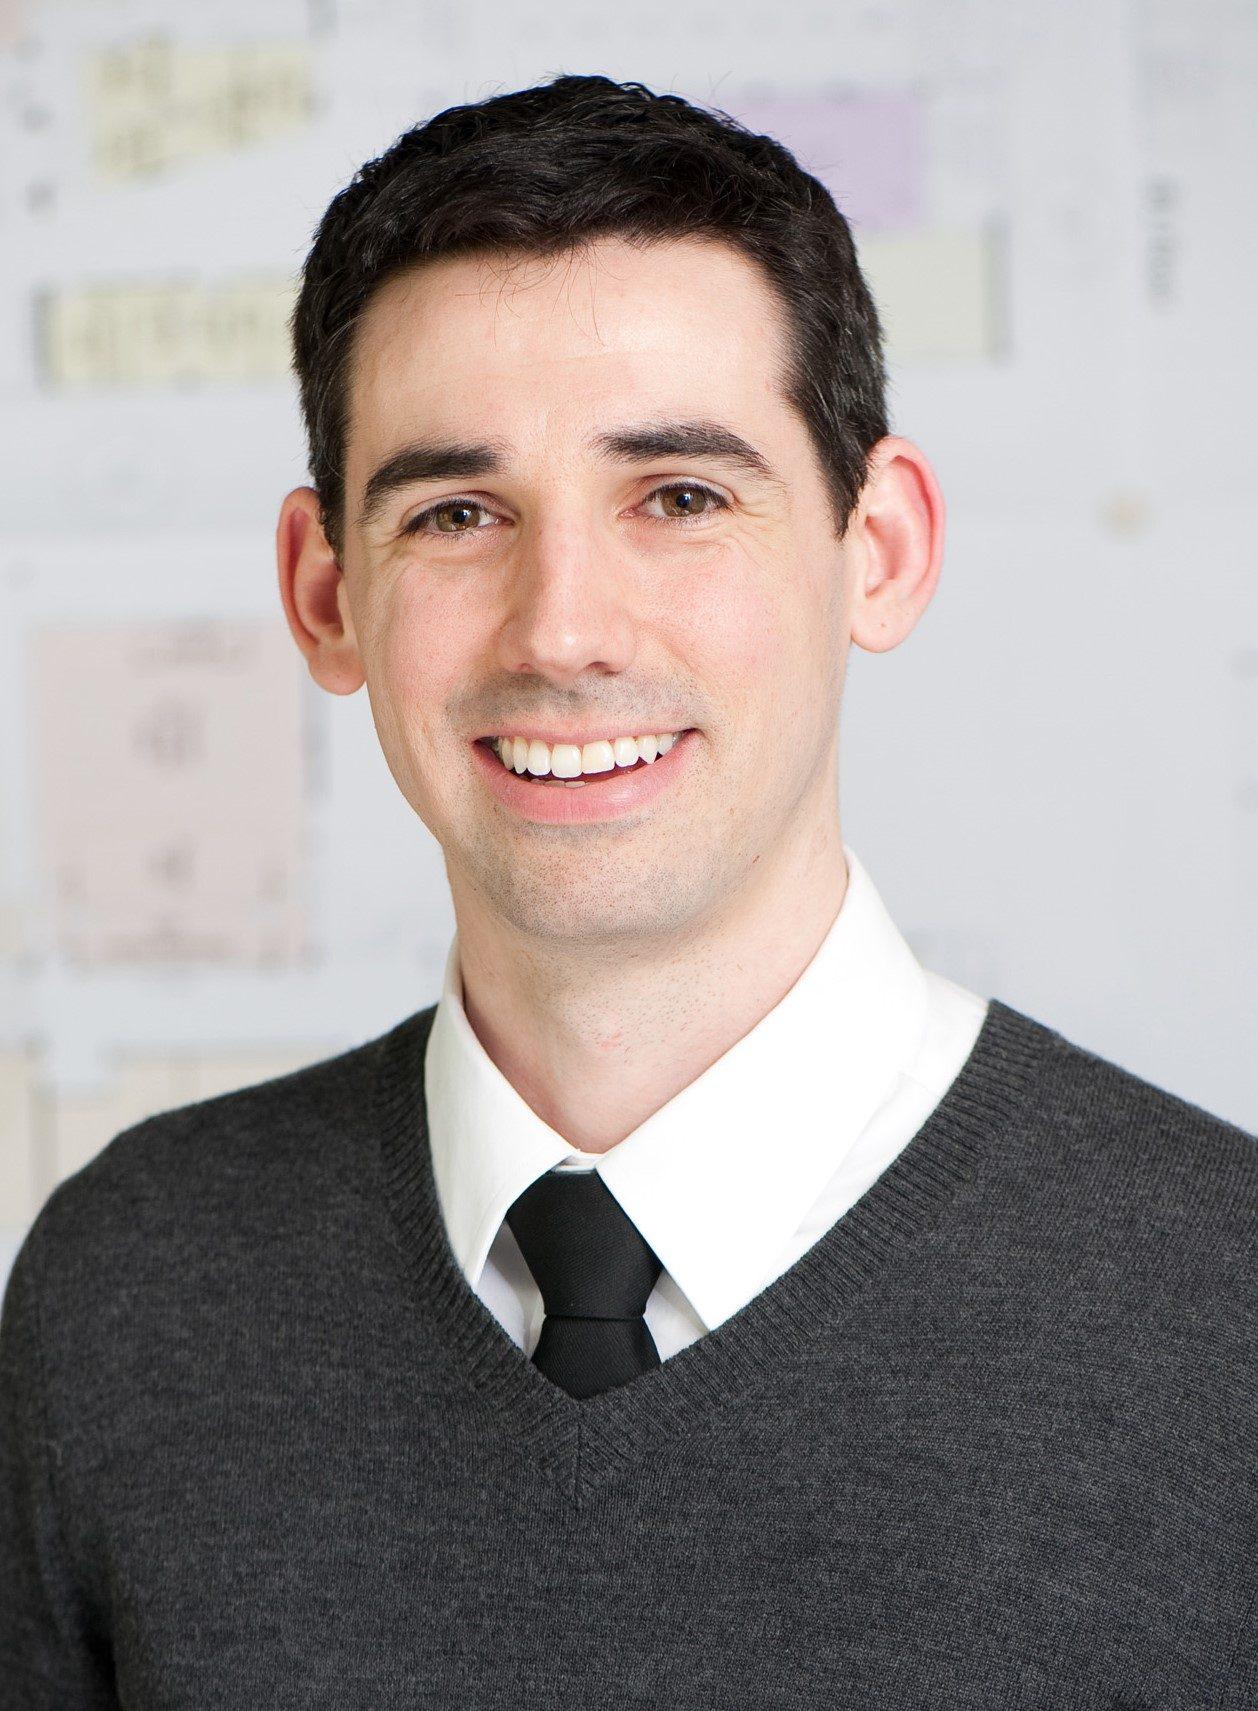 Nick Byers DBIA